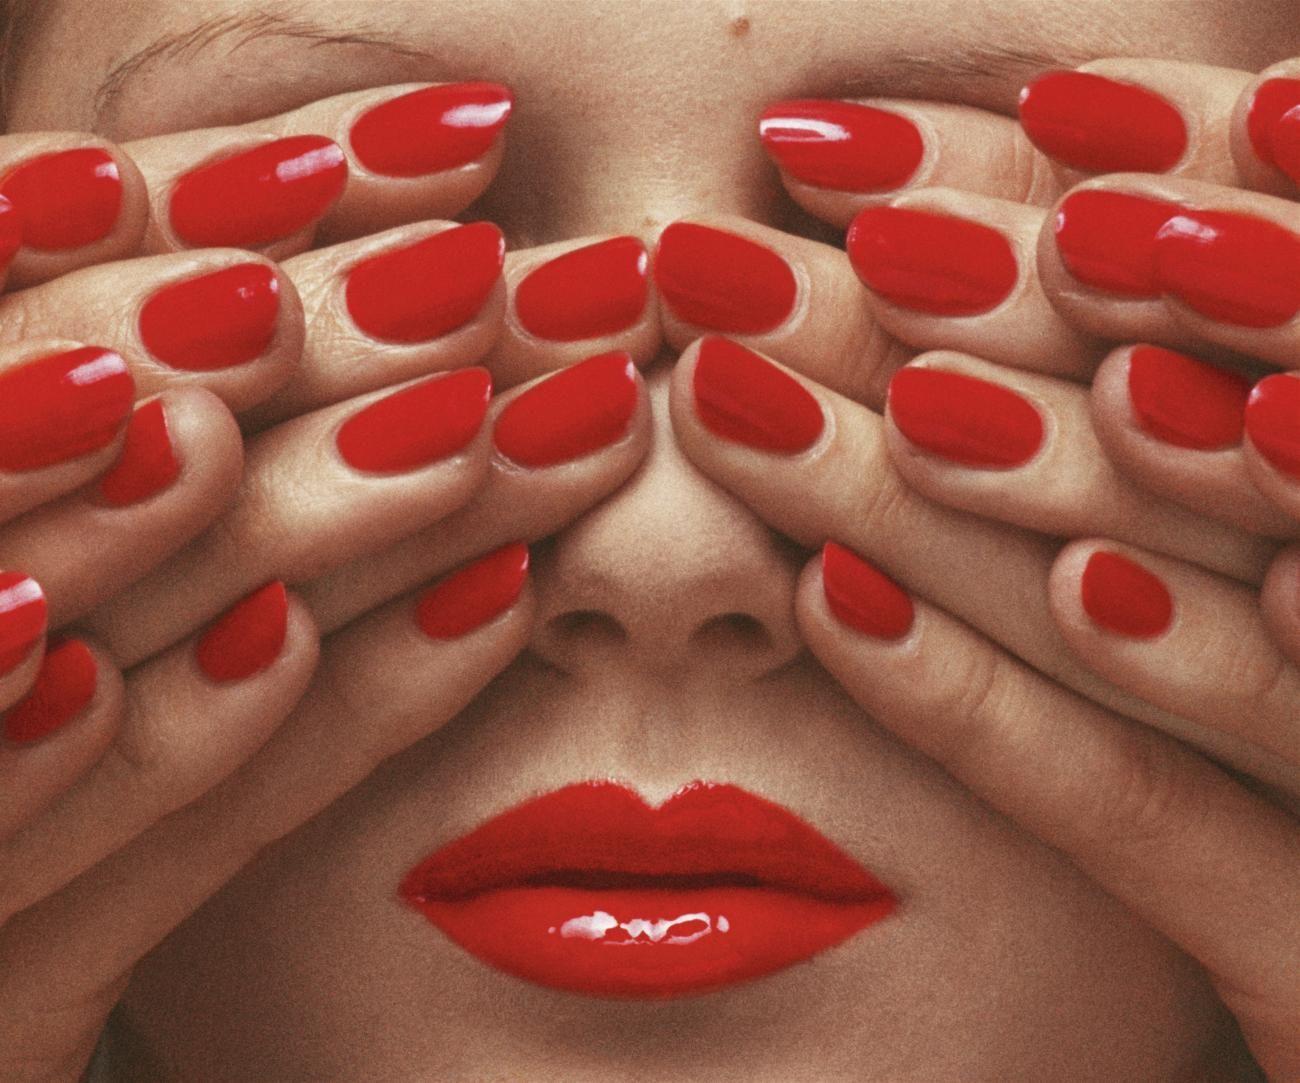 Modefotografie-Legende Guy Bourdin hatte scheinbar auch eine Schwäche für erbeerrote Fingernägel. Seine Fotografie zeigt dreißig rot lackierte Fingernägel, die nur die stark geschminkten Lippen des Models preisgeben